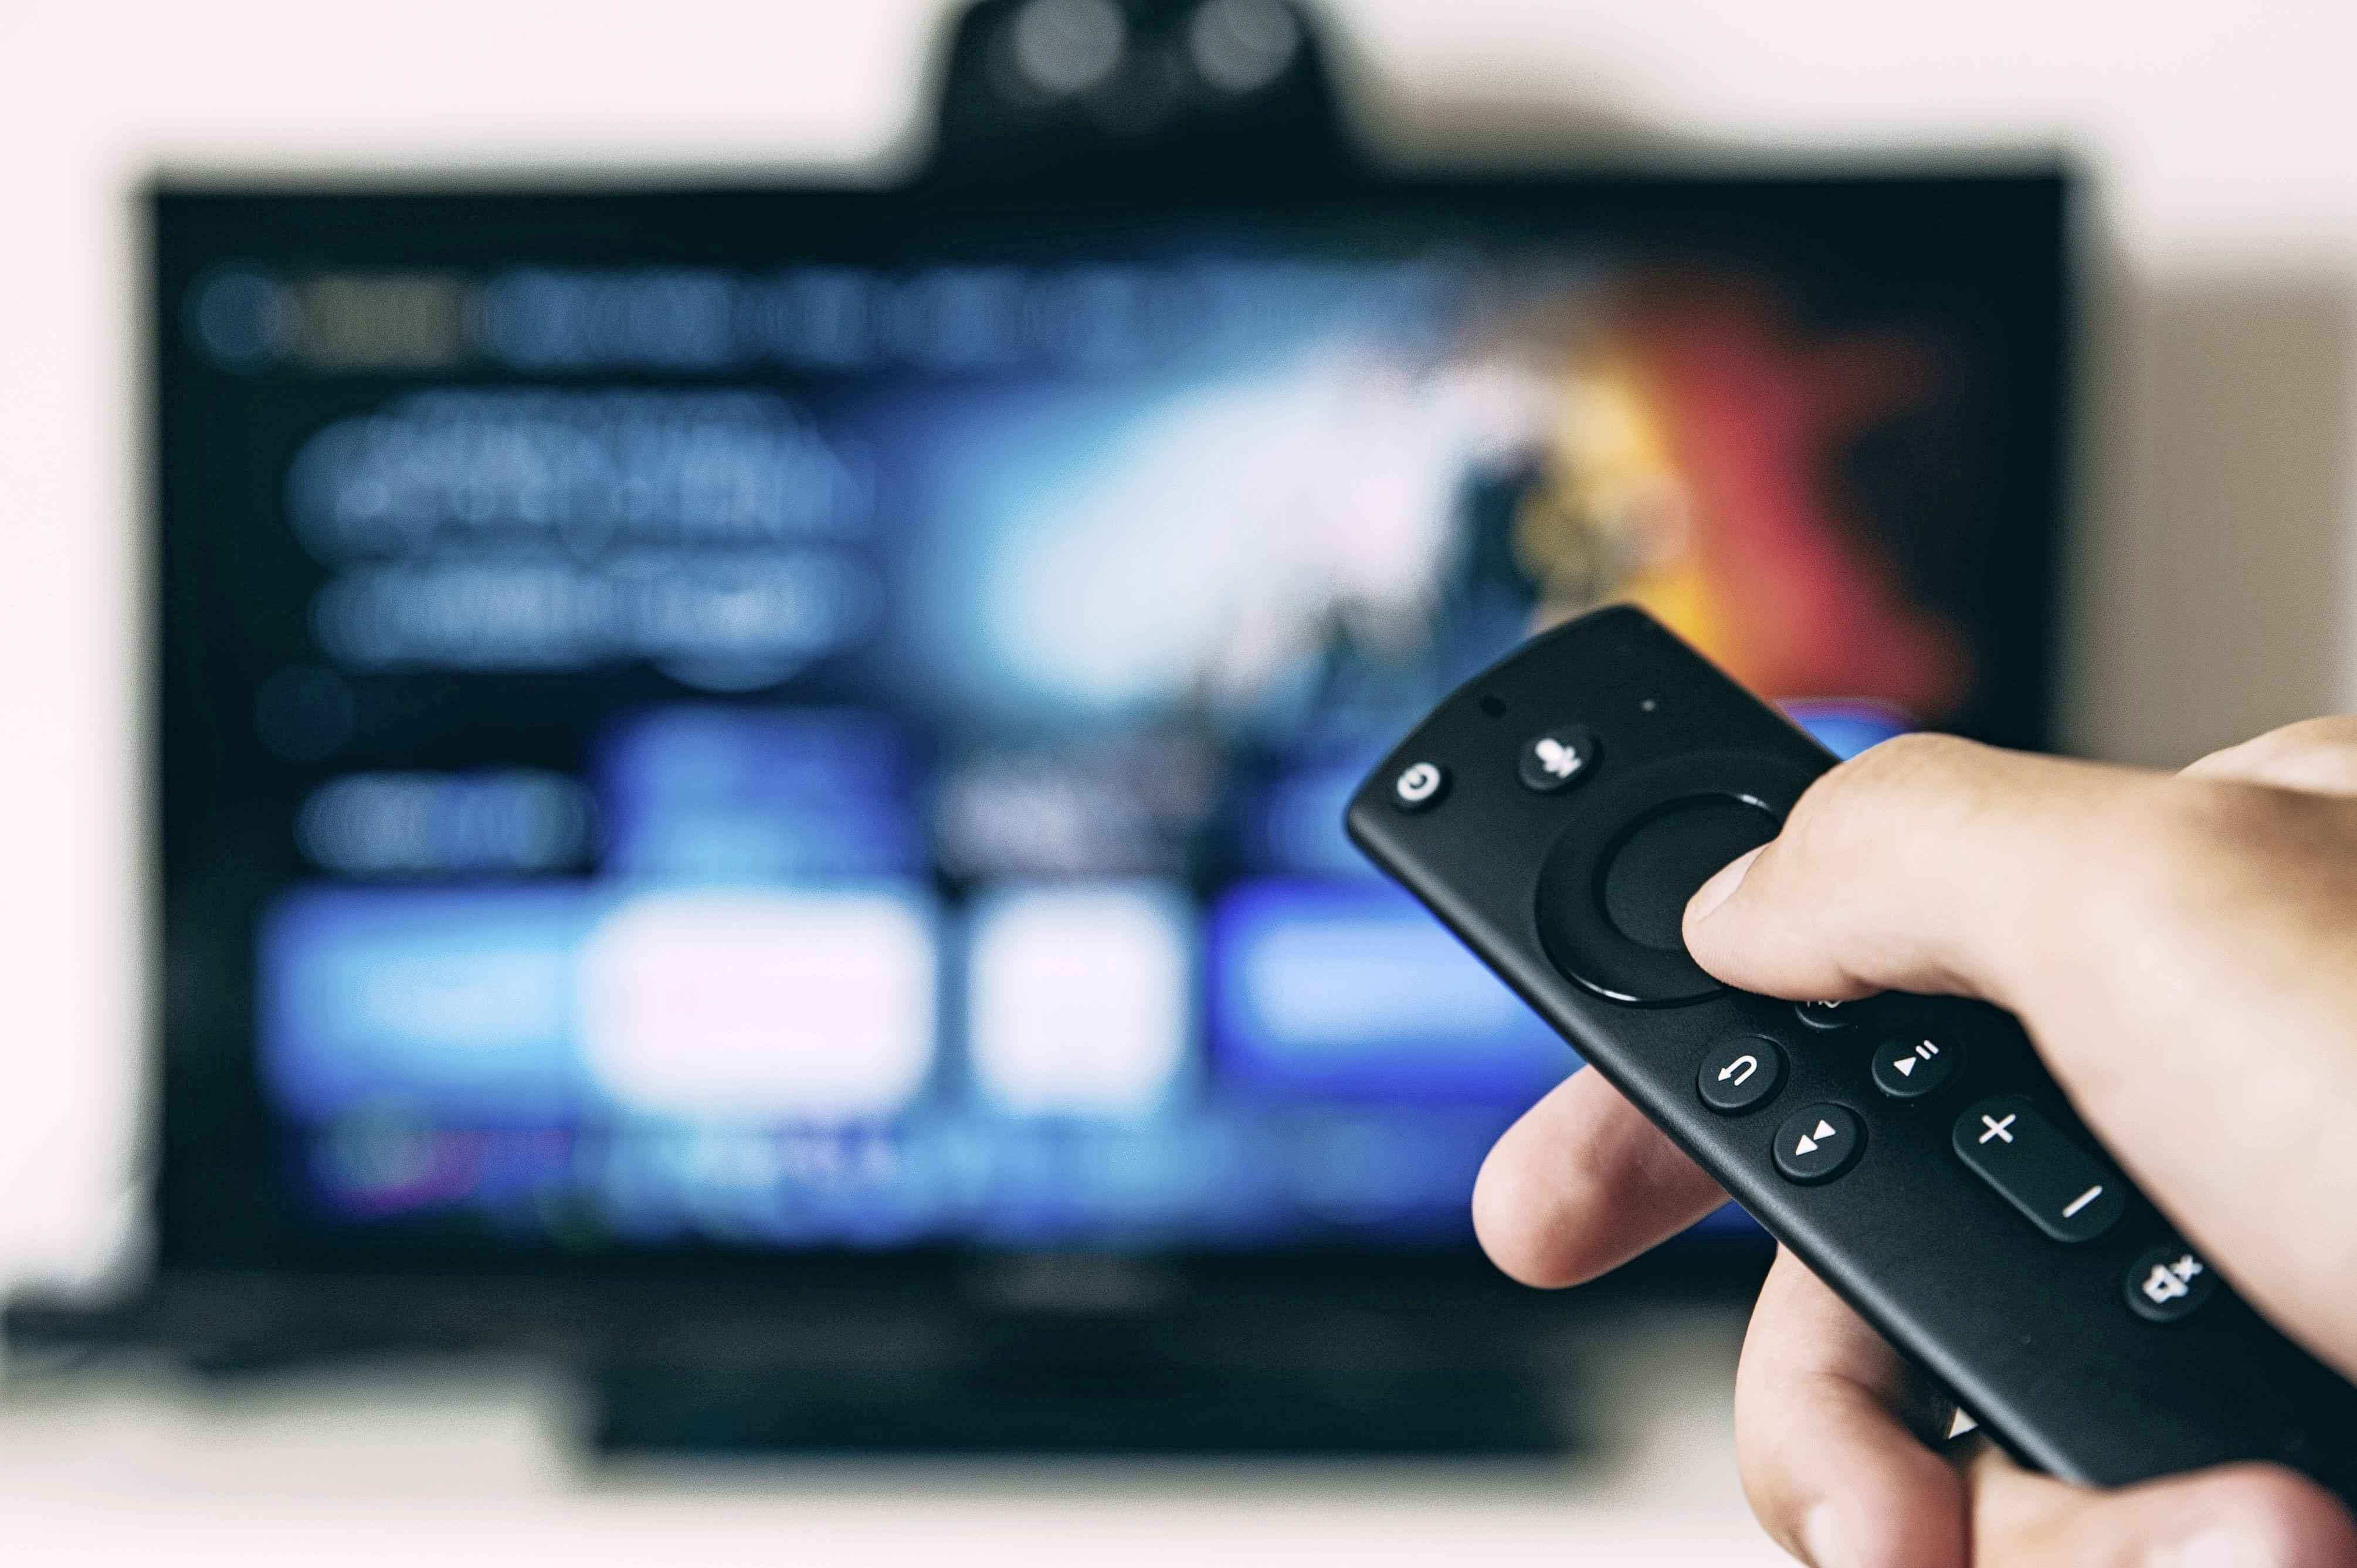 Sportzomer stuwt televisieverkoop letterlijk en figuurlijk naar grote hoogte. 'Er mag een inchje bij van de consument'